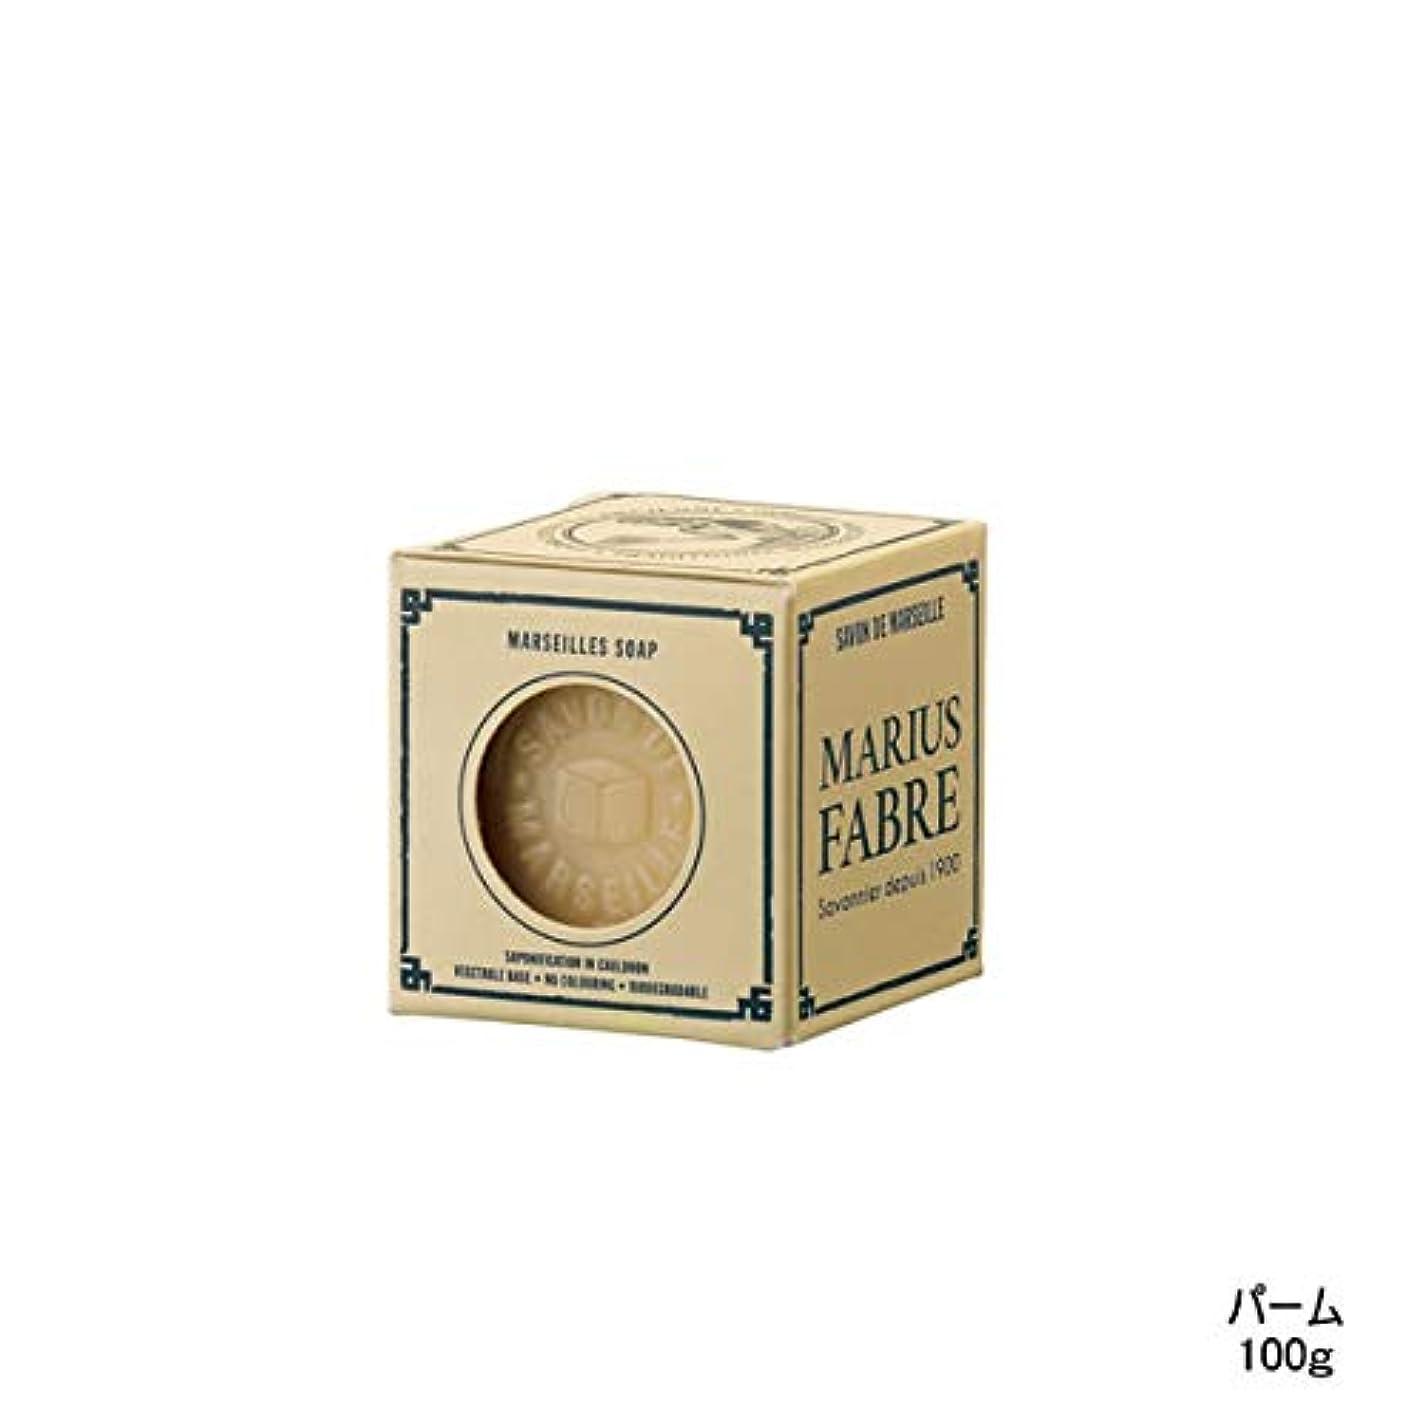 歌詞先のことを考える飛ぶマリウス ファーブル サボン ド マルセイユ ネイチャー パーム 100g [並行輸入品]